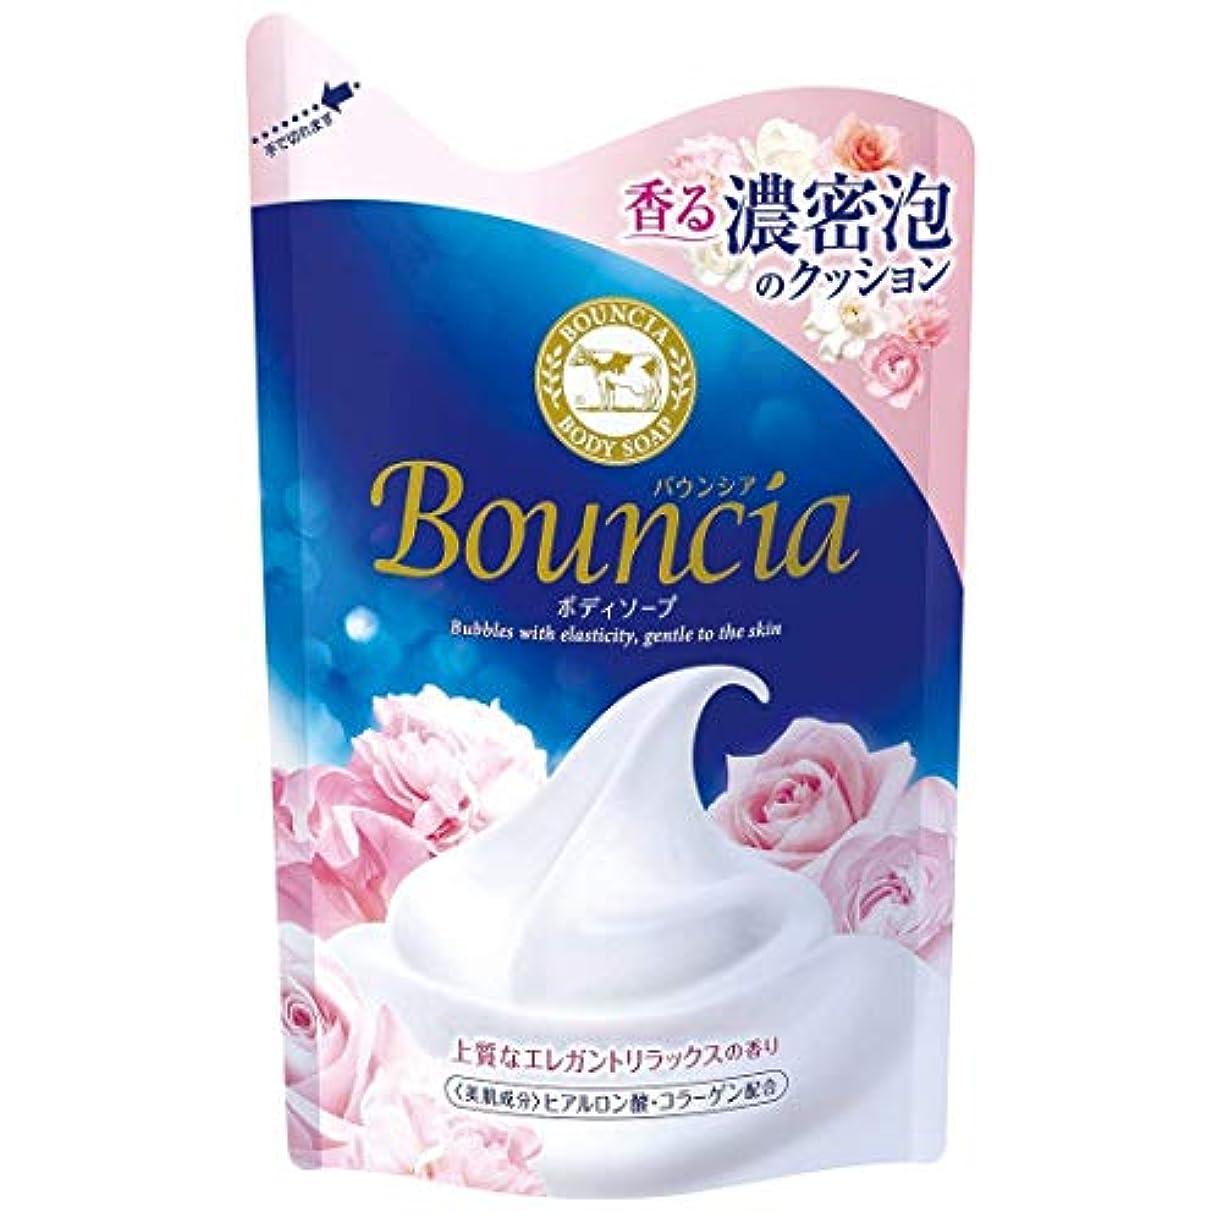 スリップはねかける小麦粉【まとめ買い】 バウンシア ボディソープ エレガントリラックスの香り つめかえ用 430ml × 3個